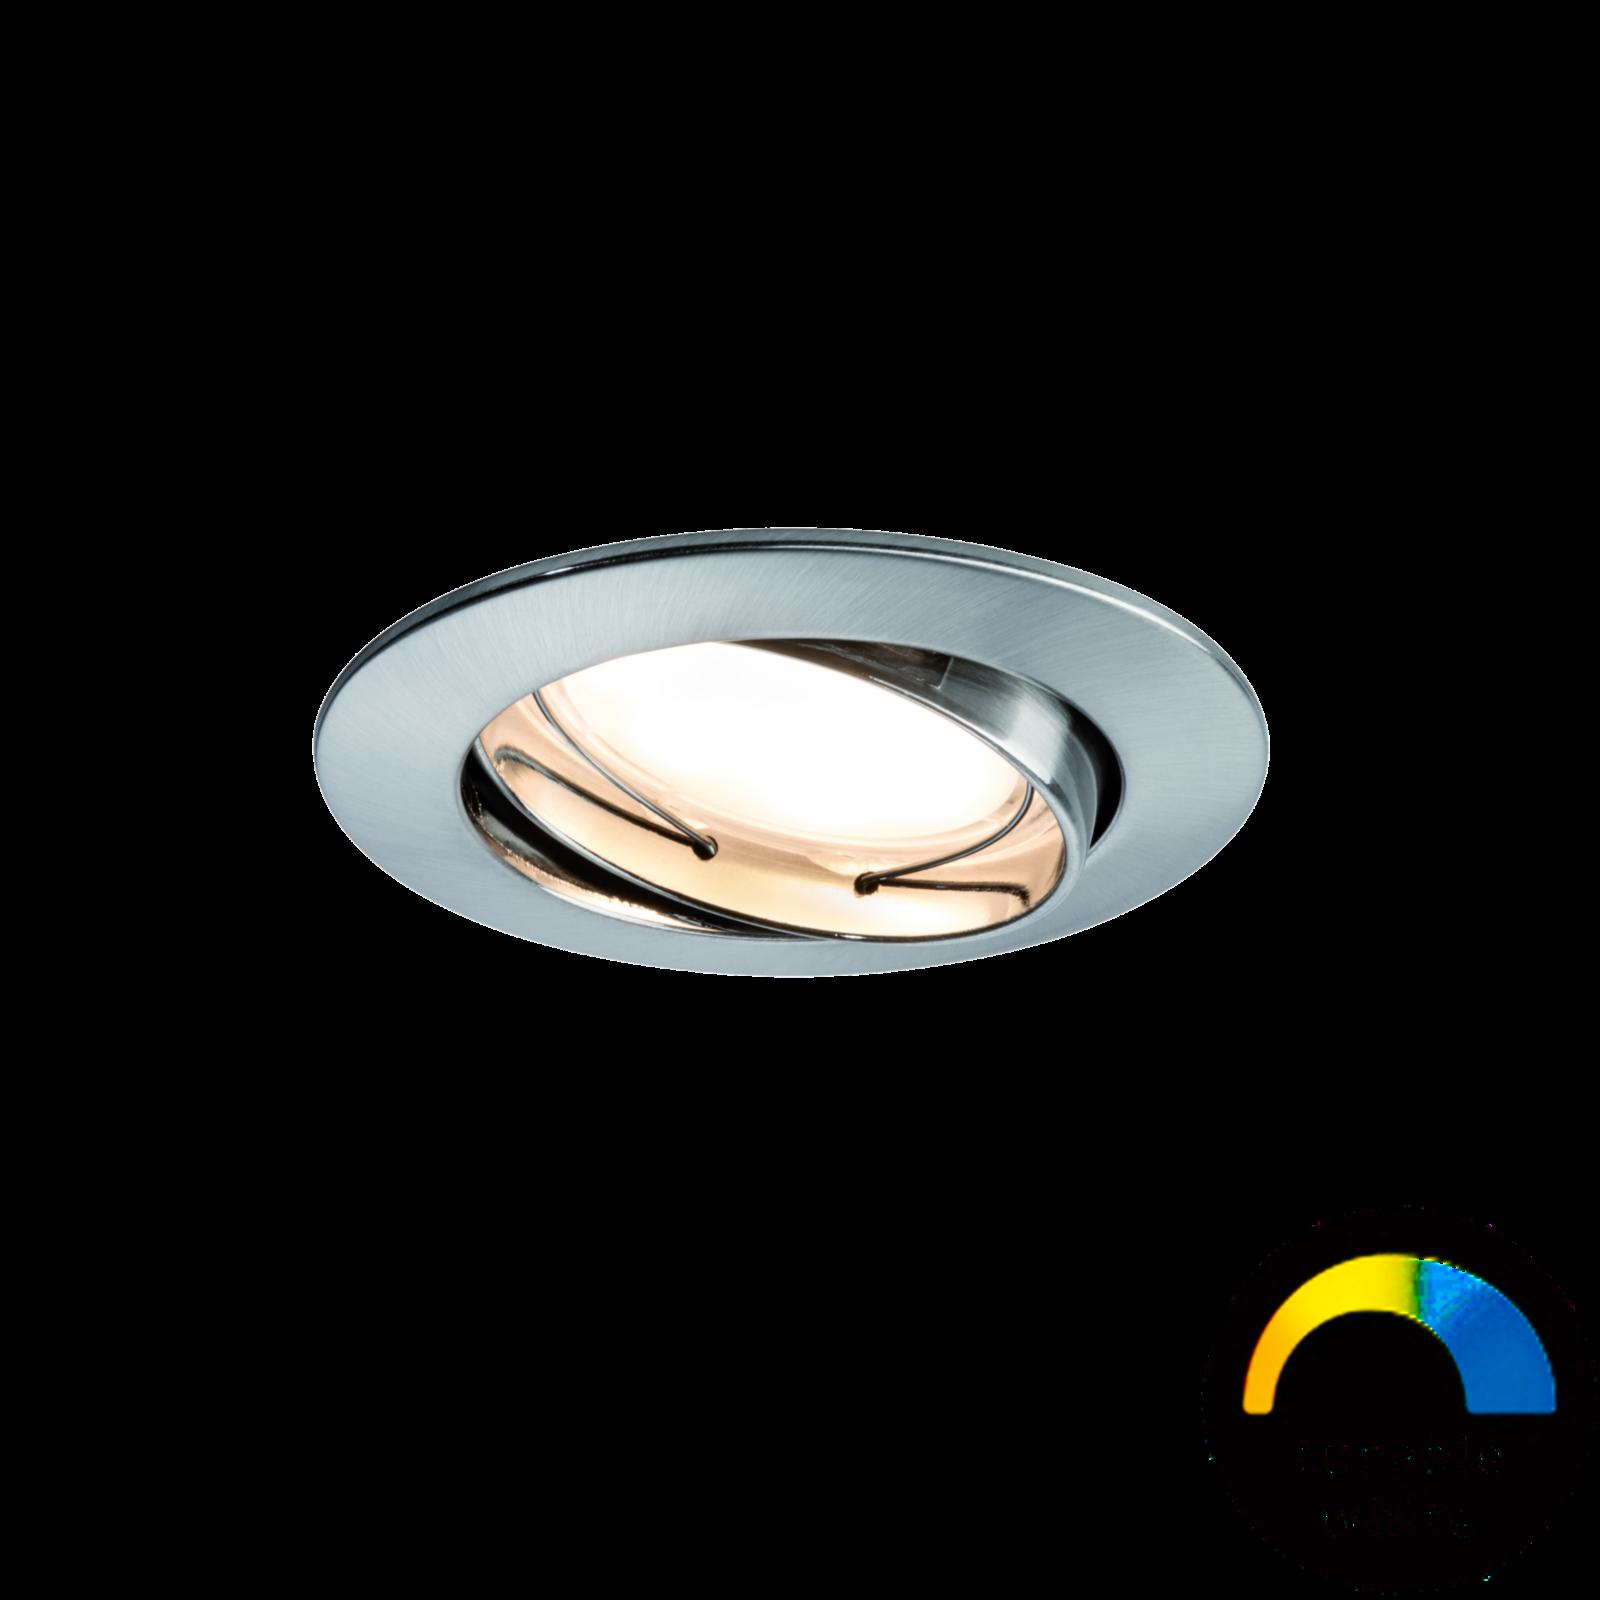 Paulmann LED Einbauleuchte SmartCoin Weißlicht-Steuerung - Eisen gebürstet